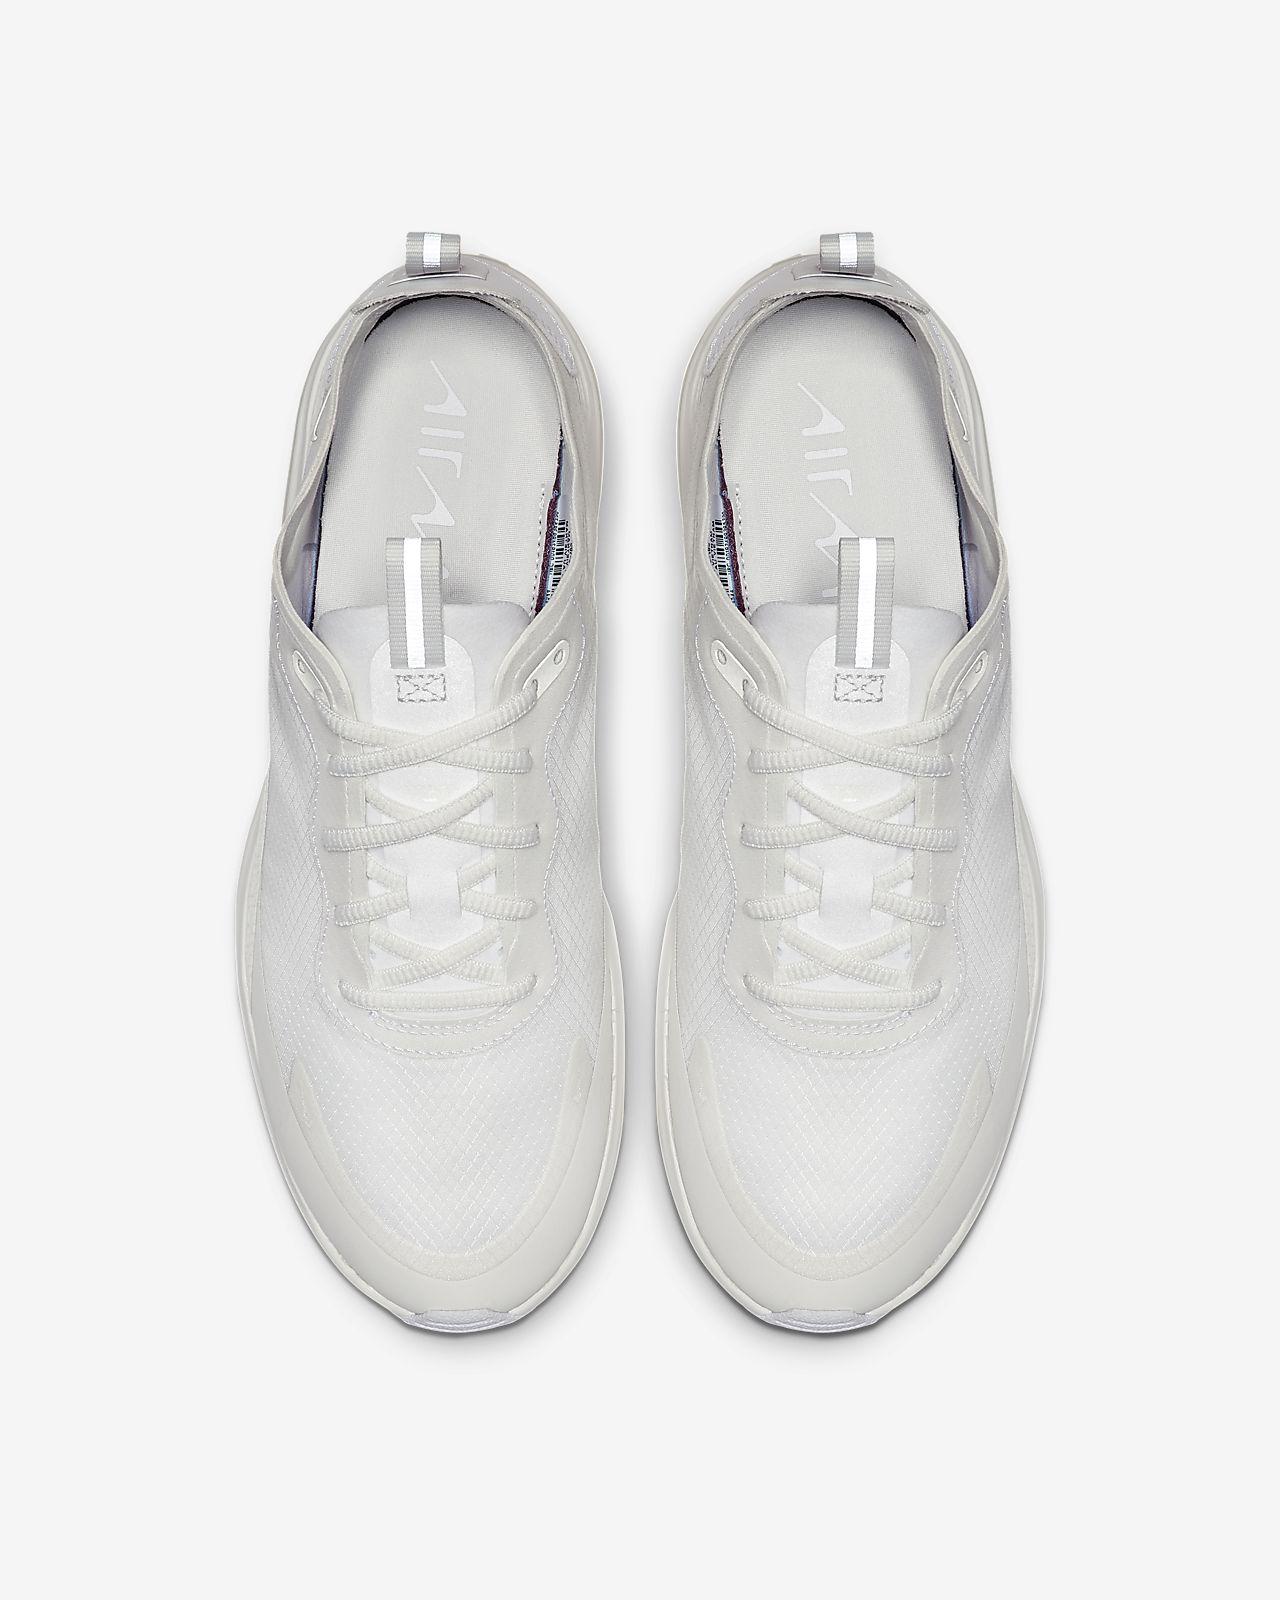 online store 9b9eb 8d0ca ... Chaussure Nike Air Max Dia SE